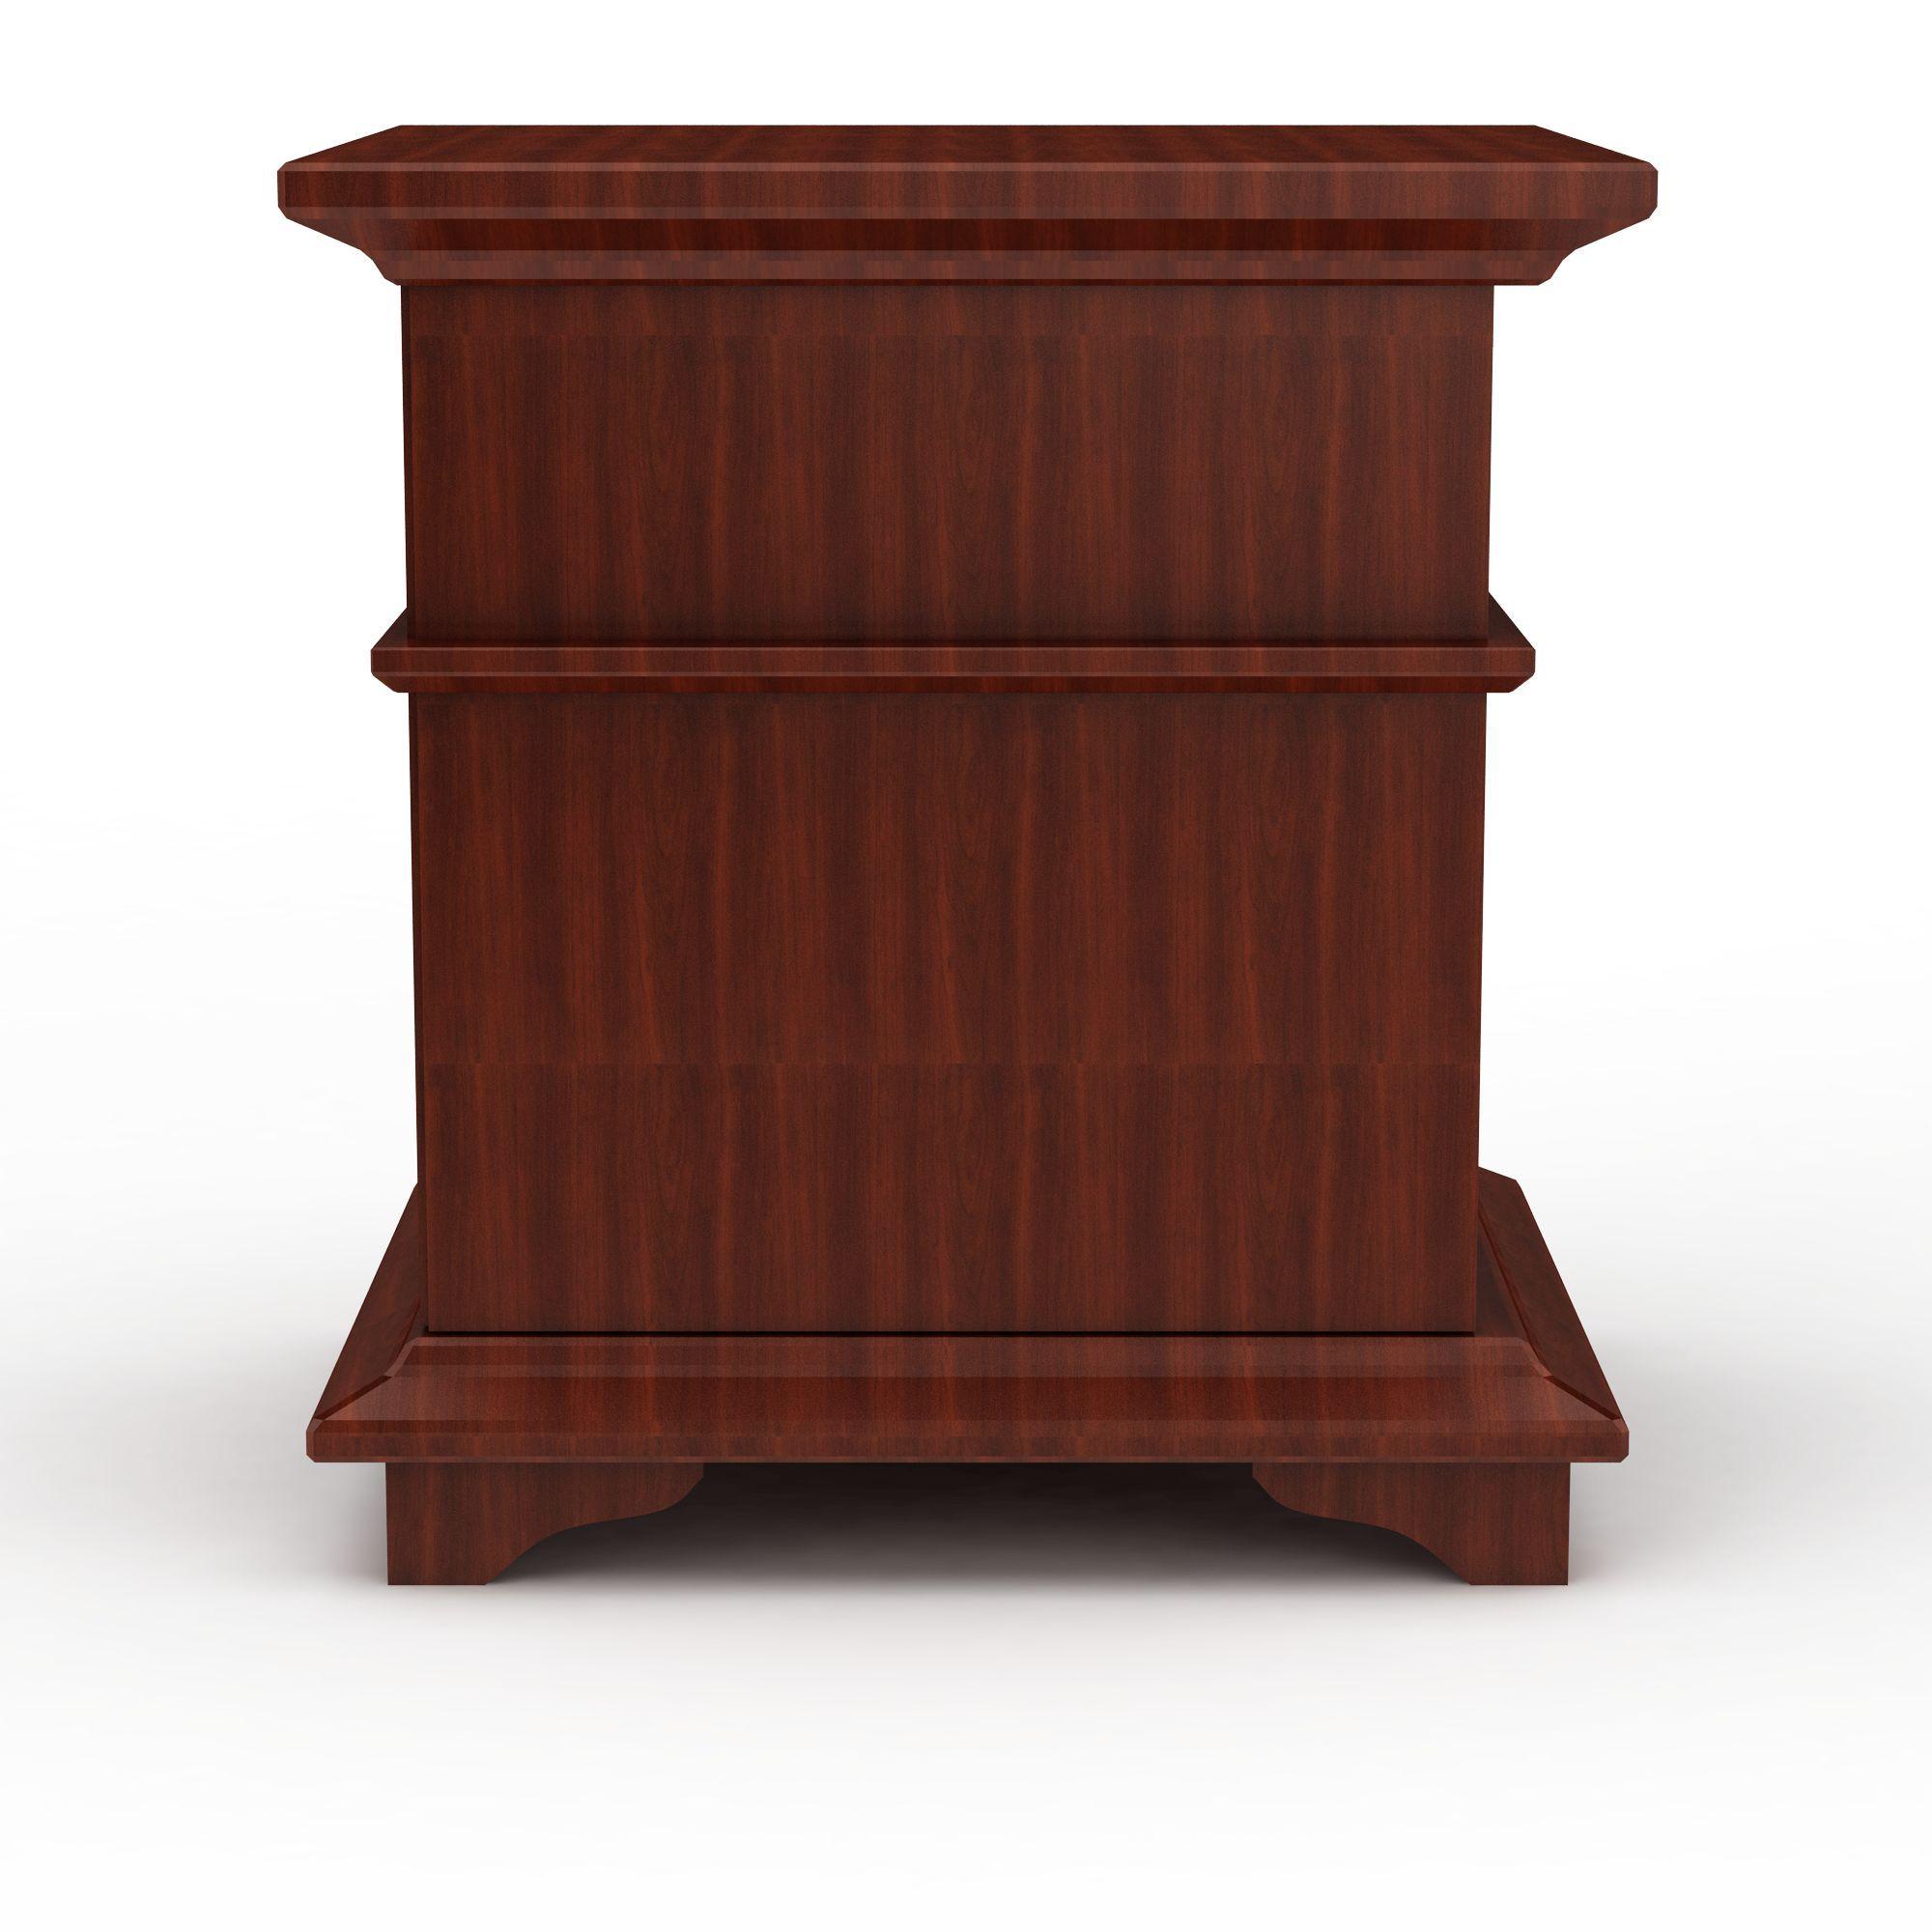 实木柜子高清图下载